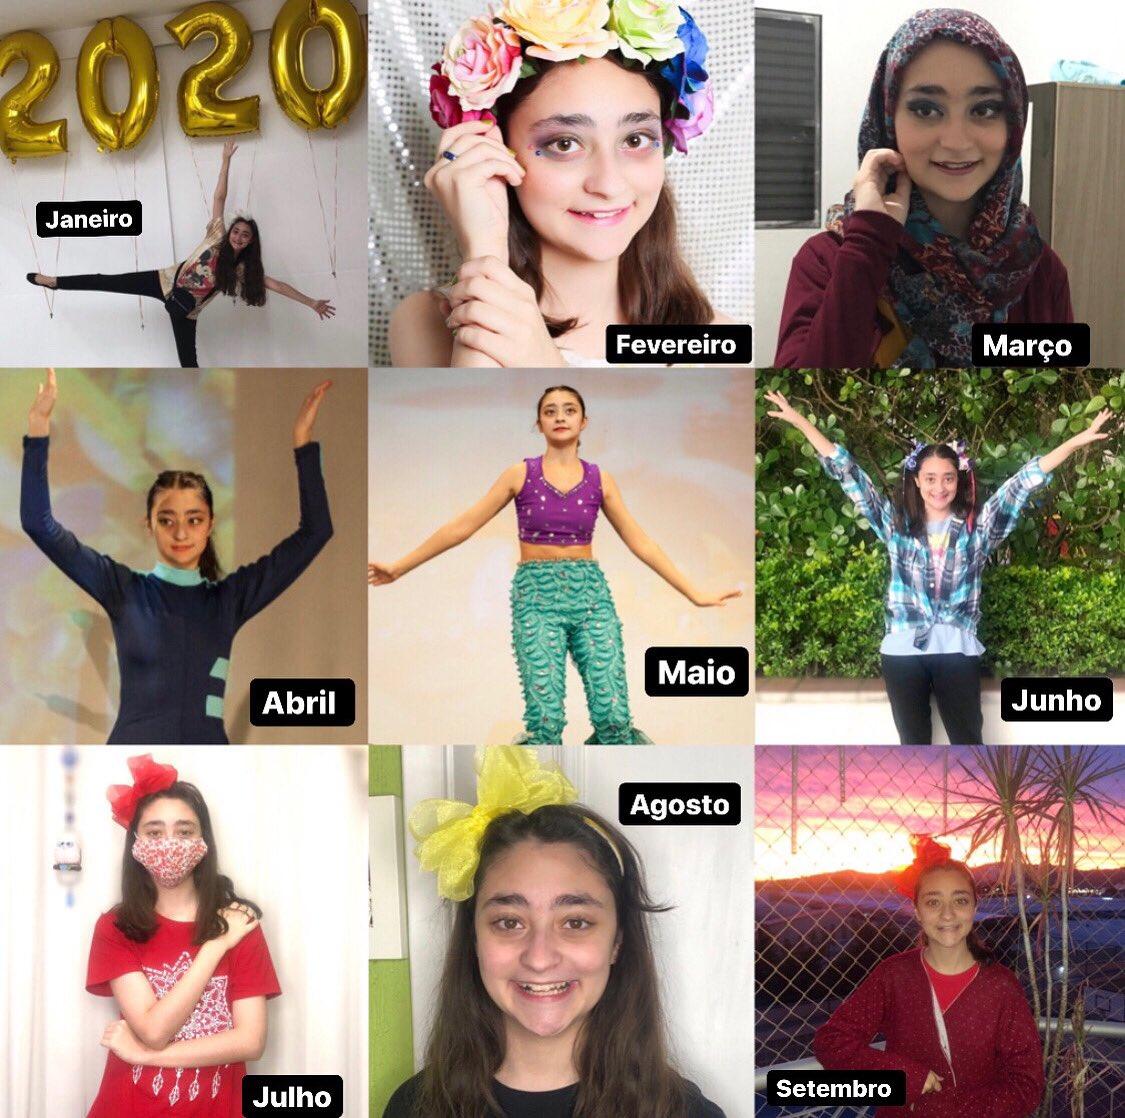 Entrei na brincadeira, meu challenge de 2020! #2020challenge #2020 #challenge #challenger #diversao  #fé #atriz #atrizmirim #atrizes #atores #atoresbrasileiros #modelo #modelomirim #agenciademodelos #modelofotografica #redessociais #julianapaiva #saopaulo #riodejaneiropic.twitter.com/7KBOYbr63L